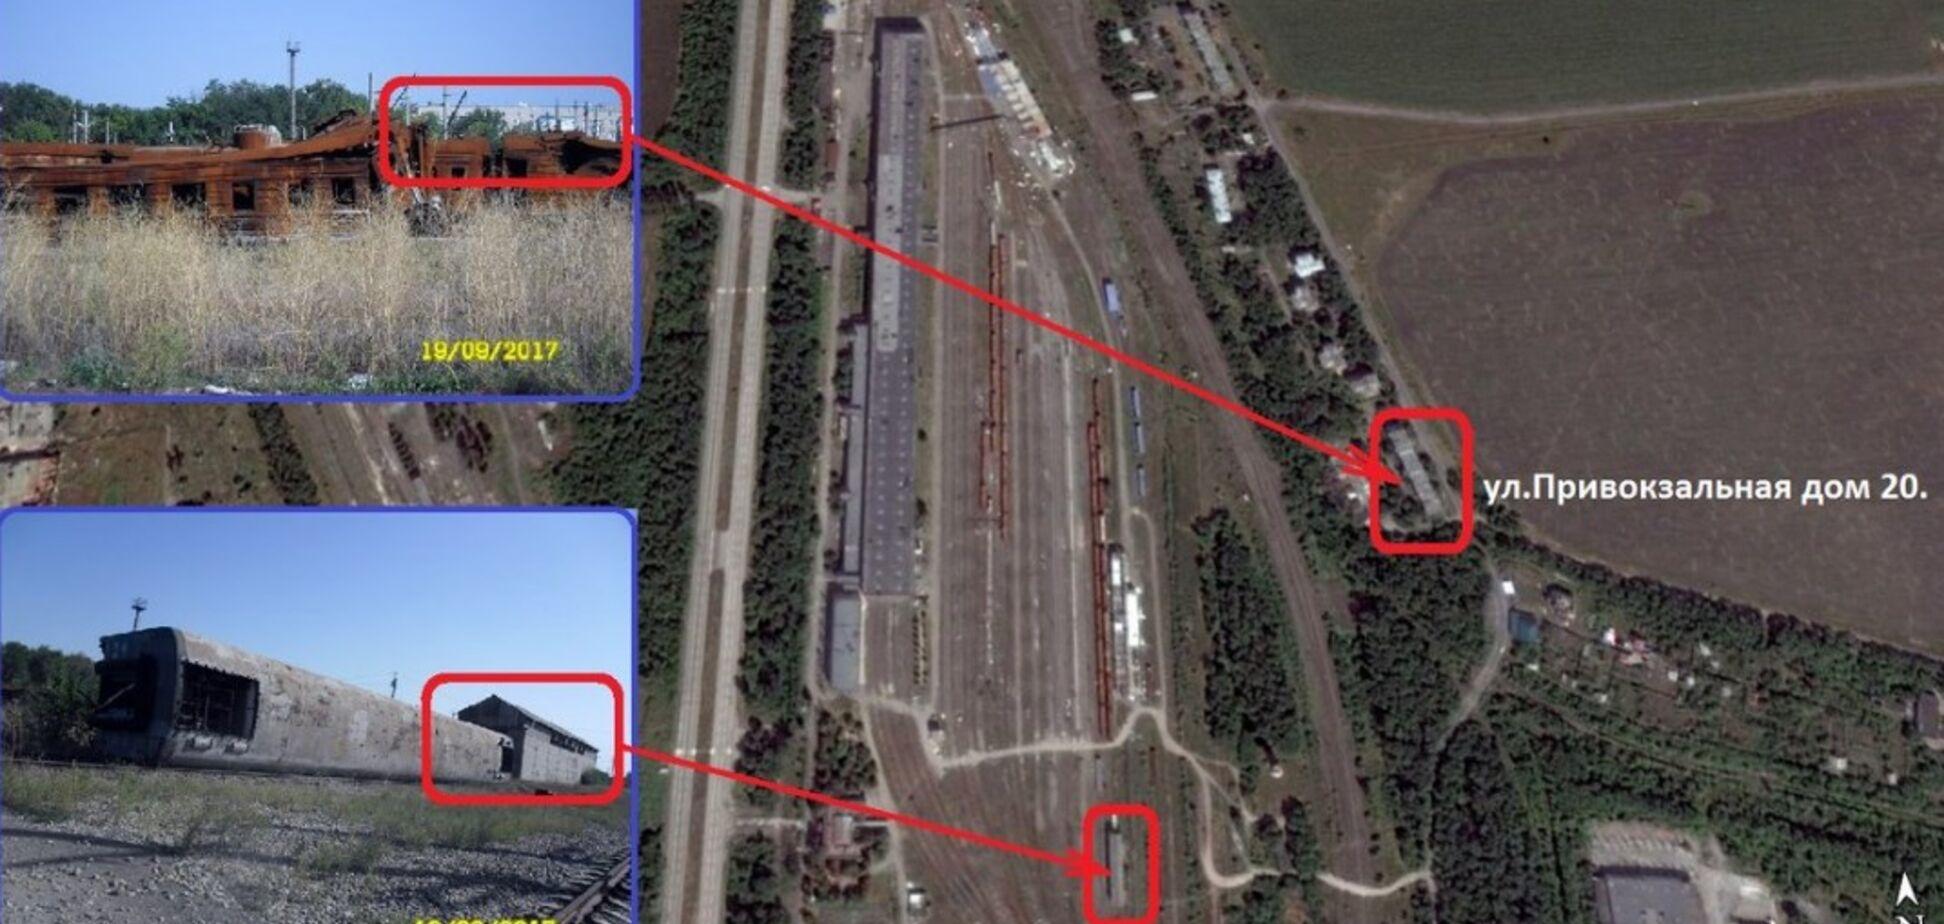 ВСУ на заметку: в Донецке вычислили месторасположение  батальона 'ДНР. Фото